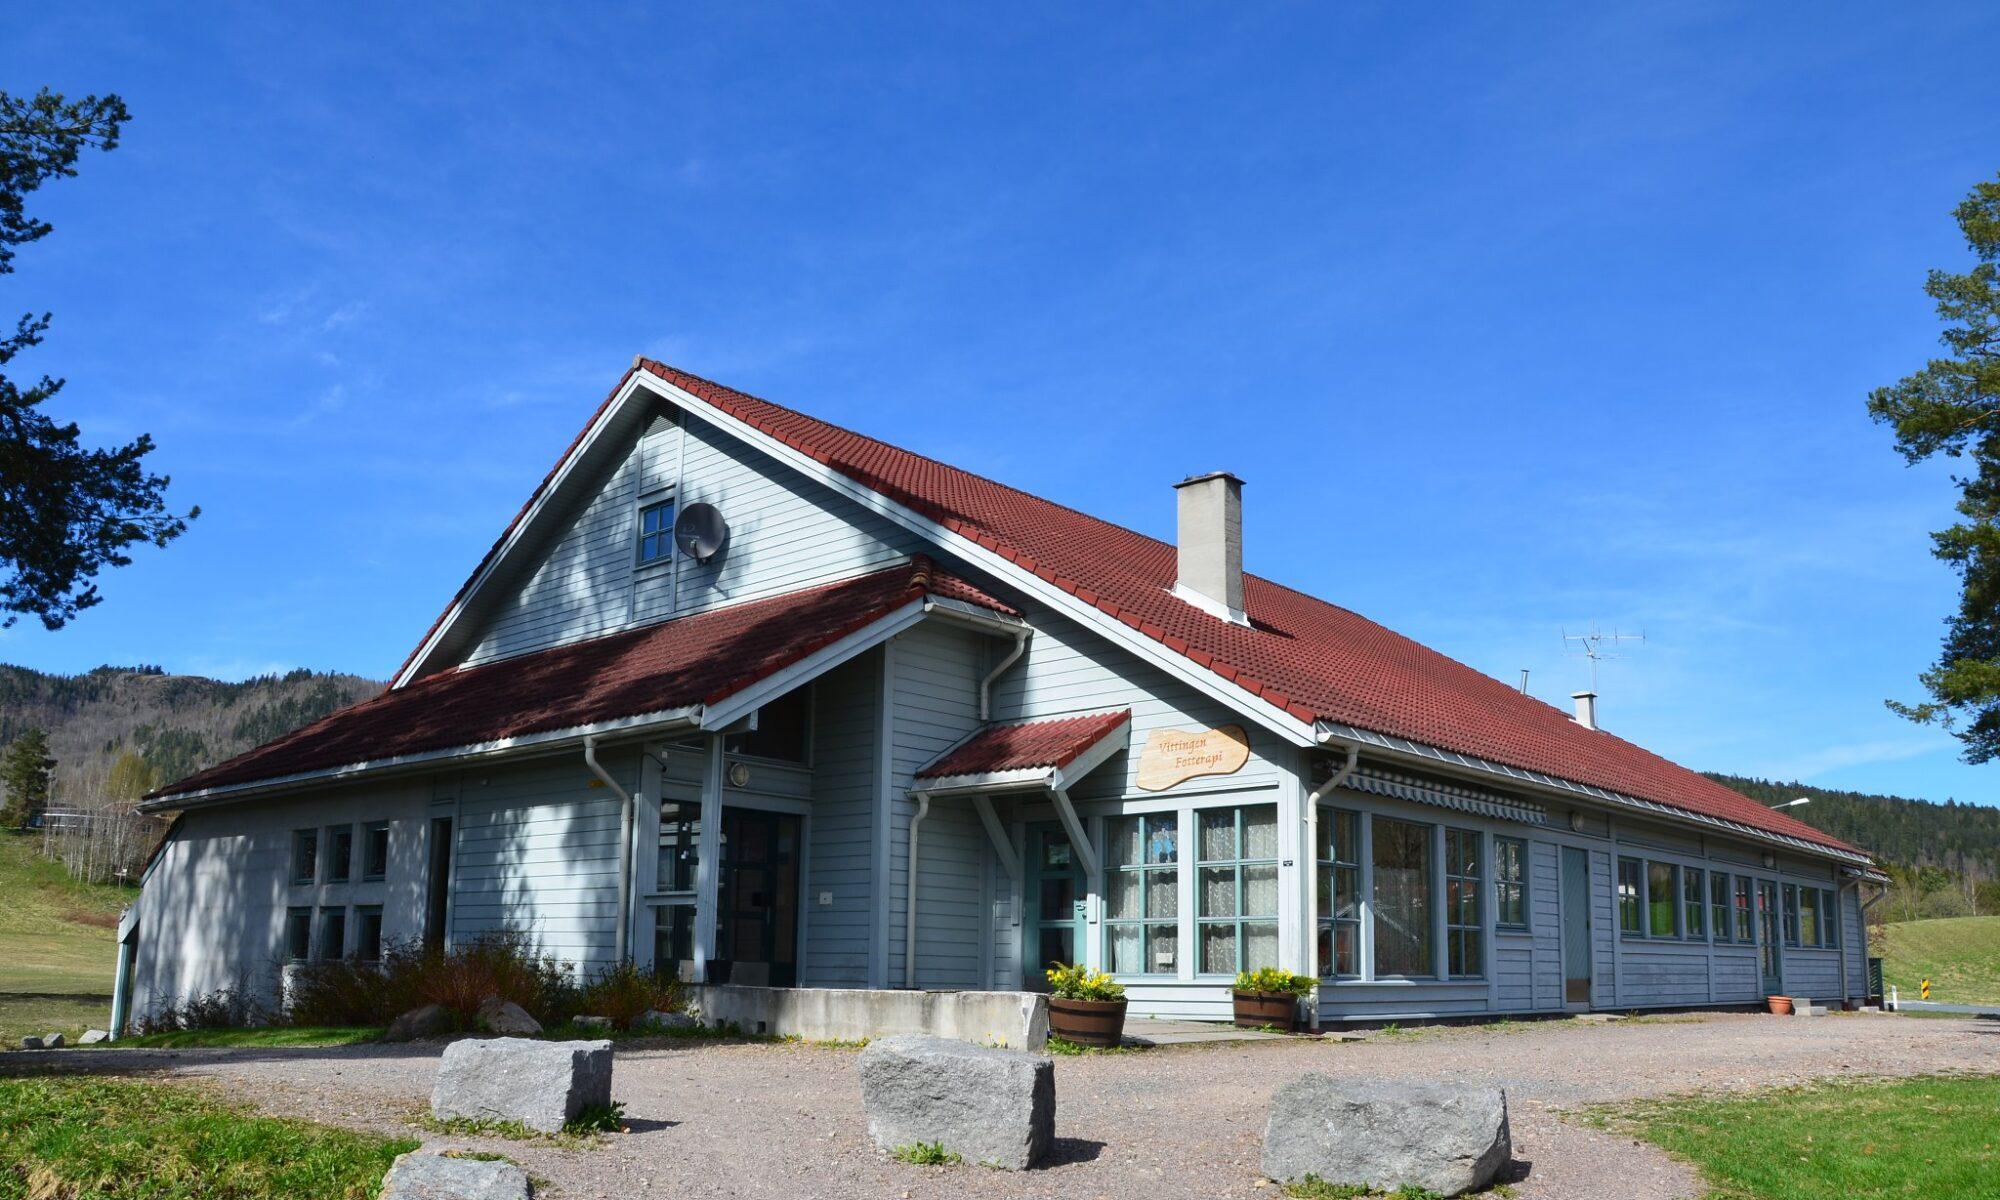 Vittingen Kulturhus